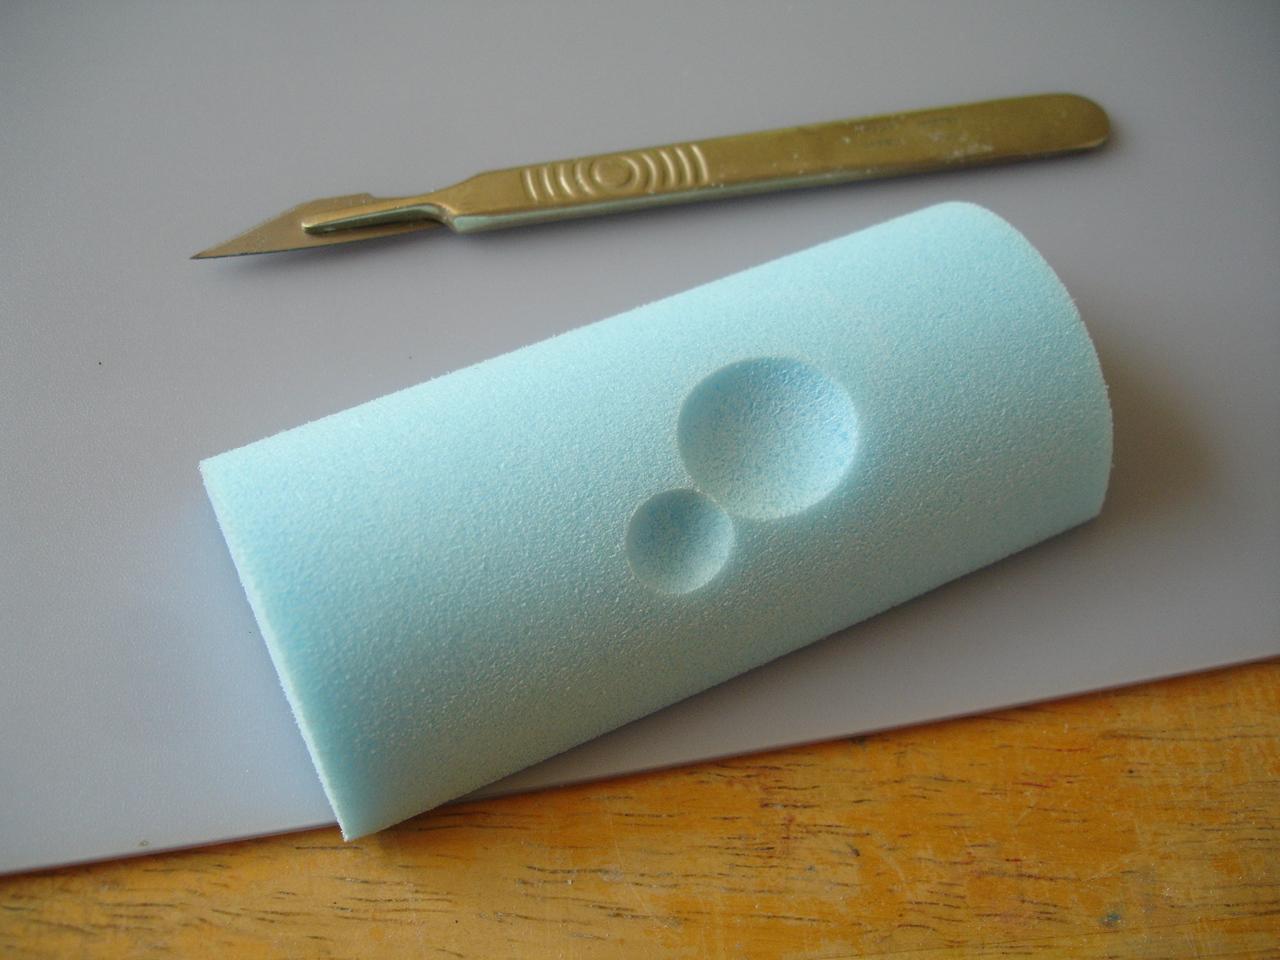 Styrofoam glue styrofoam glue make craft stamps for Styrofoam forms